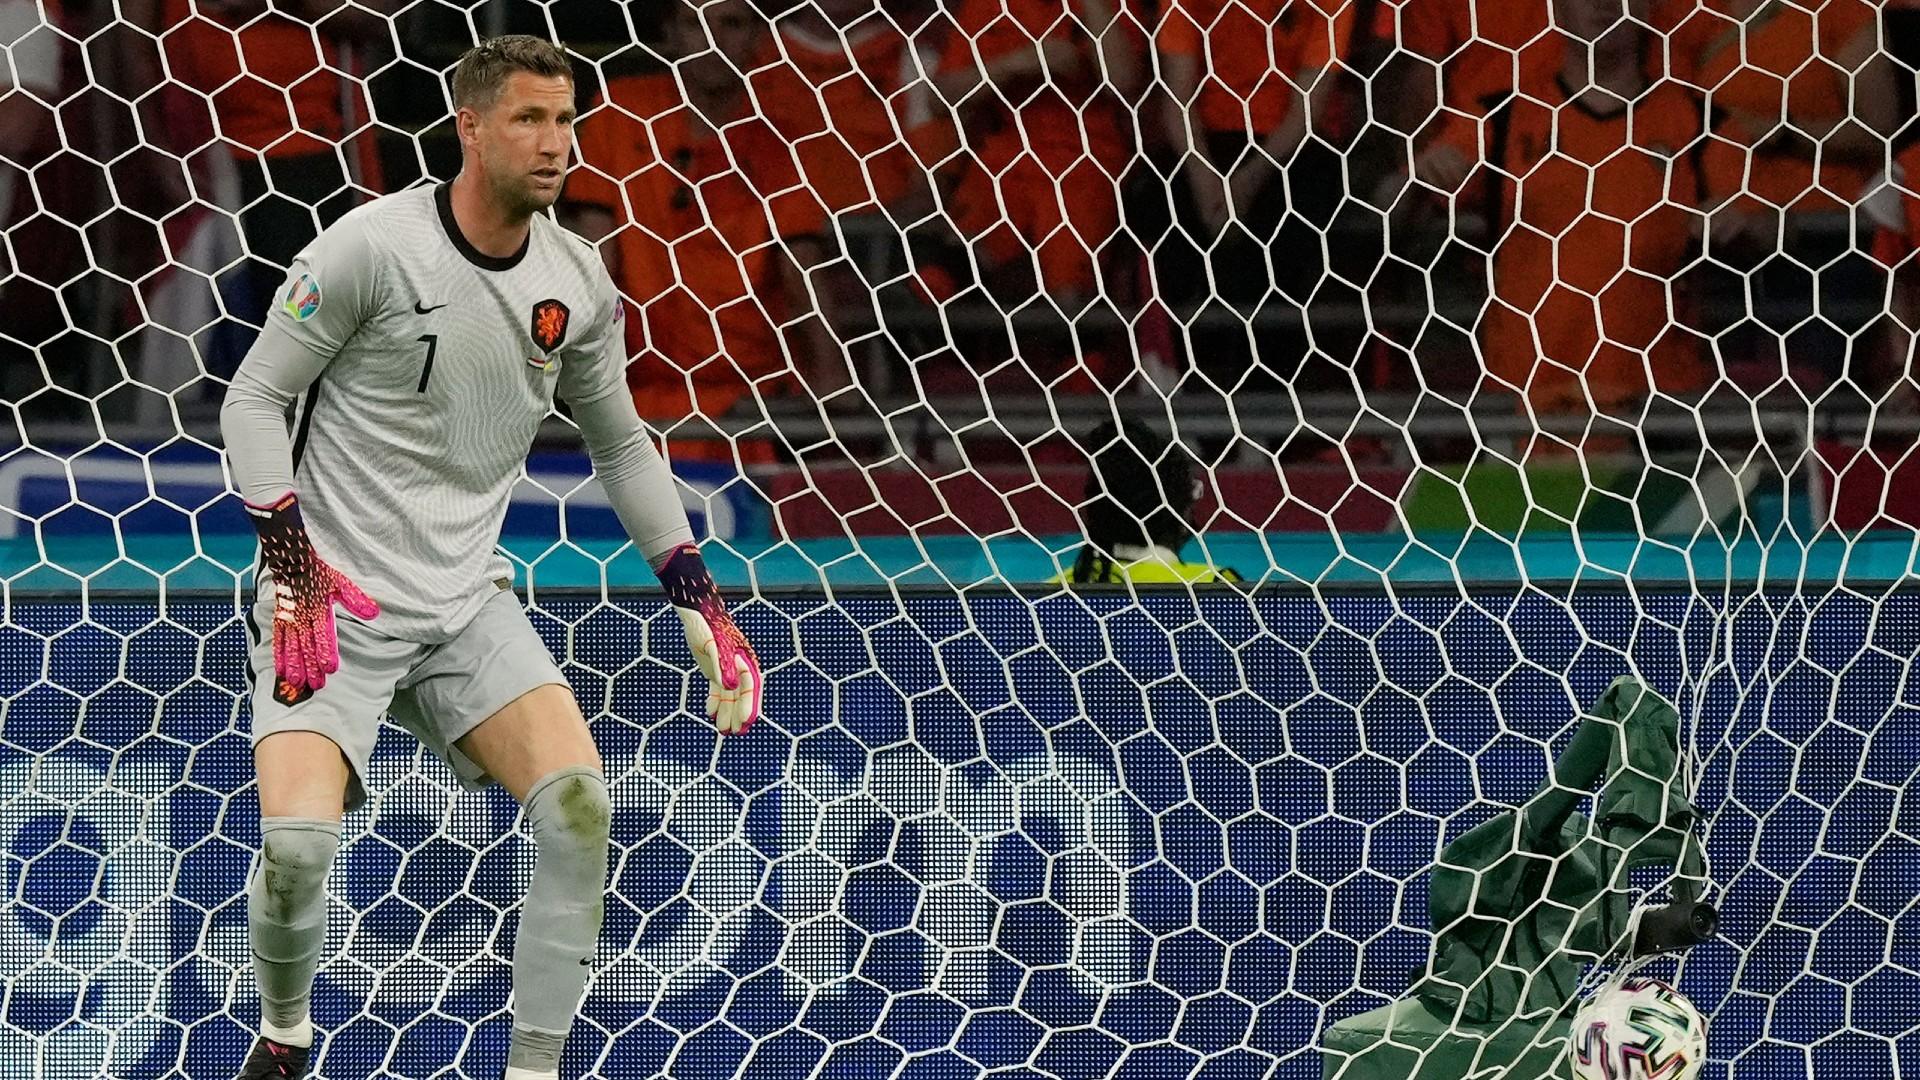 Stekelenburg da primato: il più anziano a giocare per l'Olanda un grande torneo | Goal.com